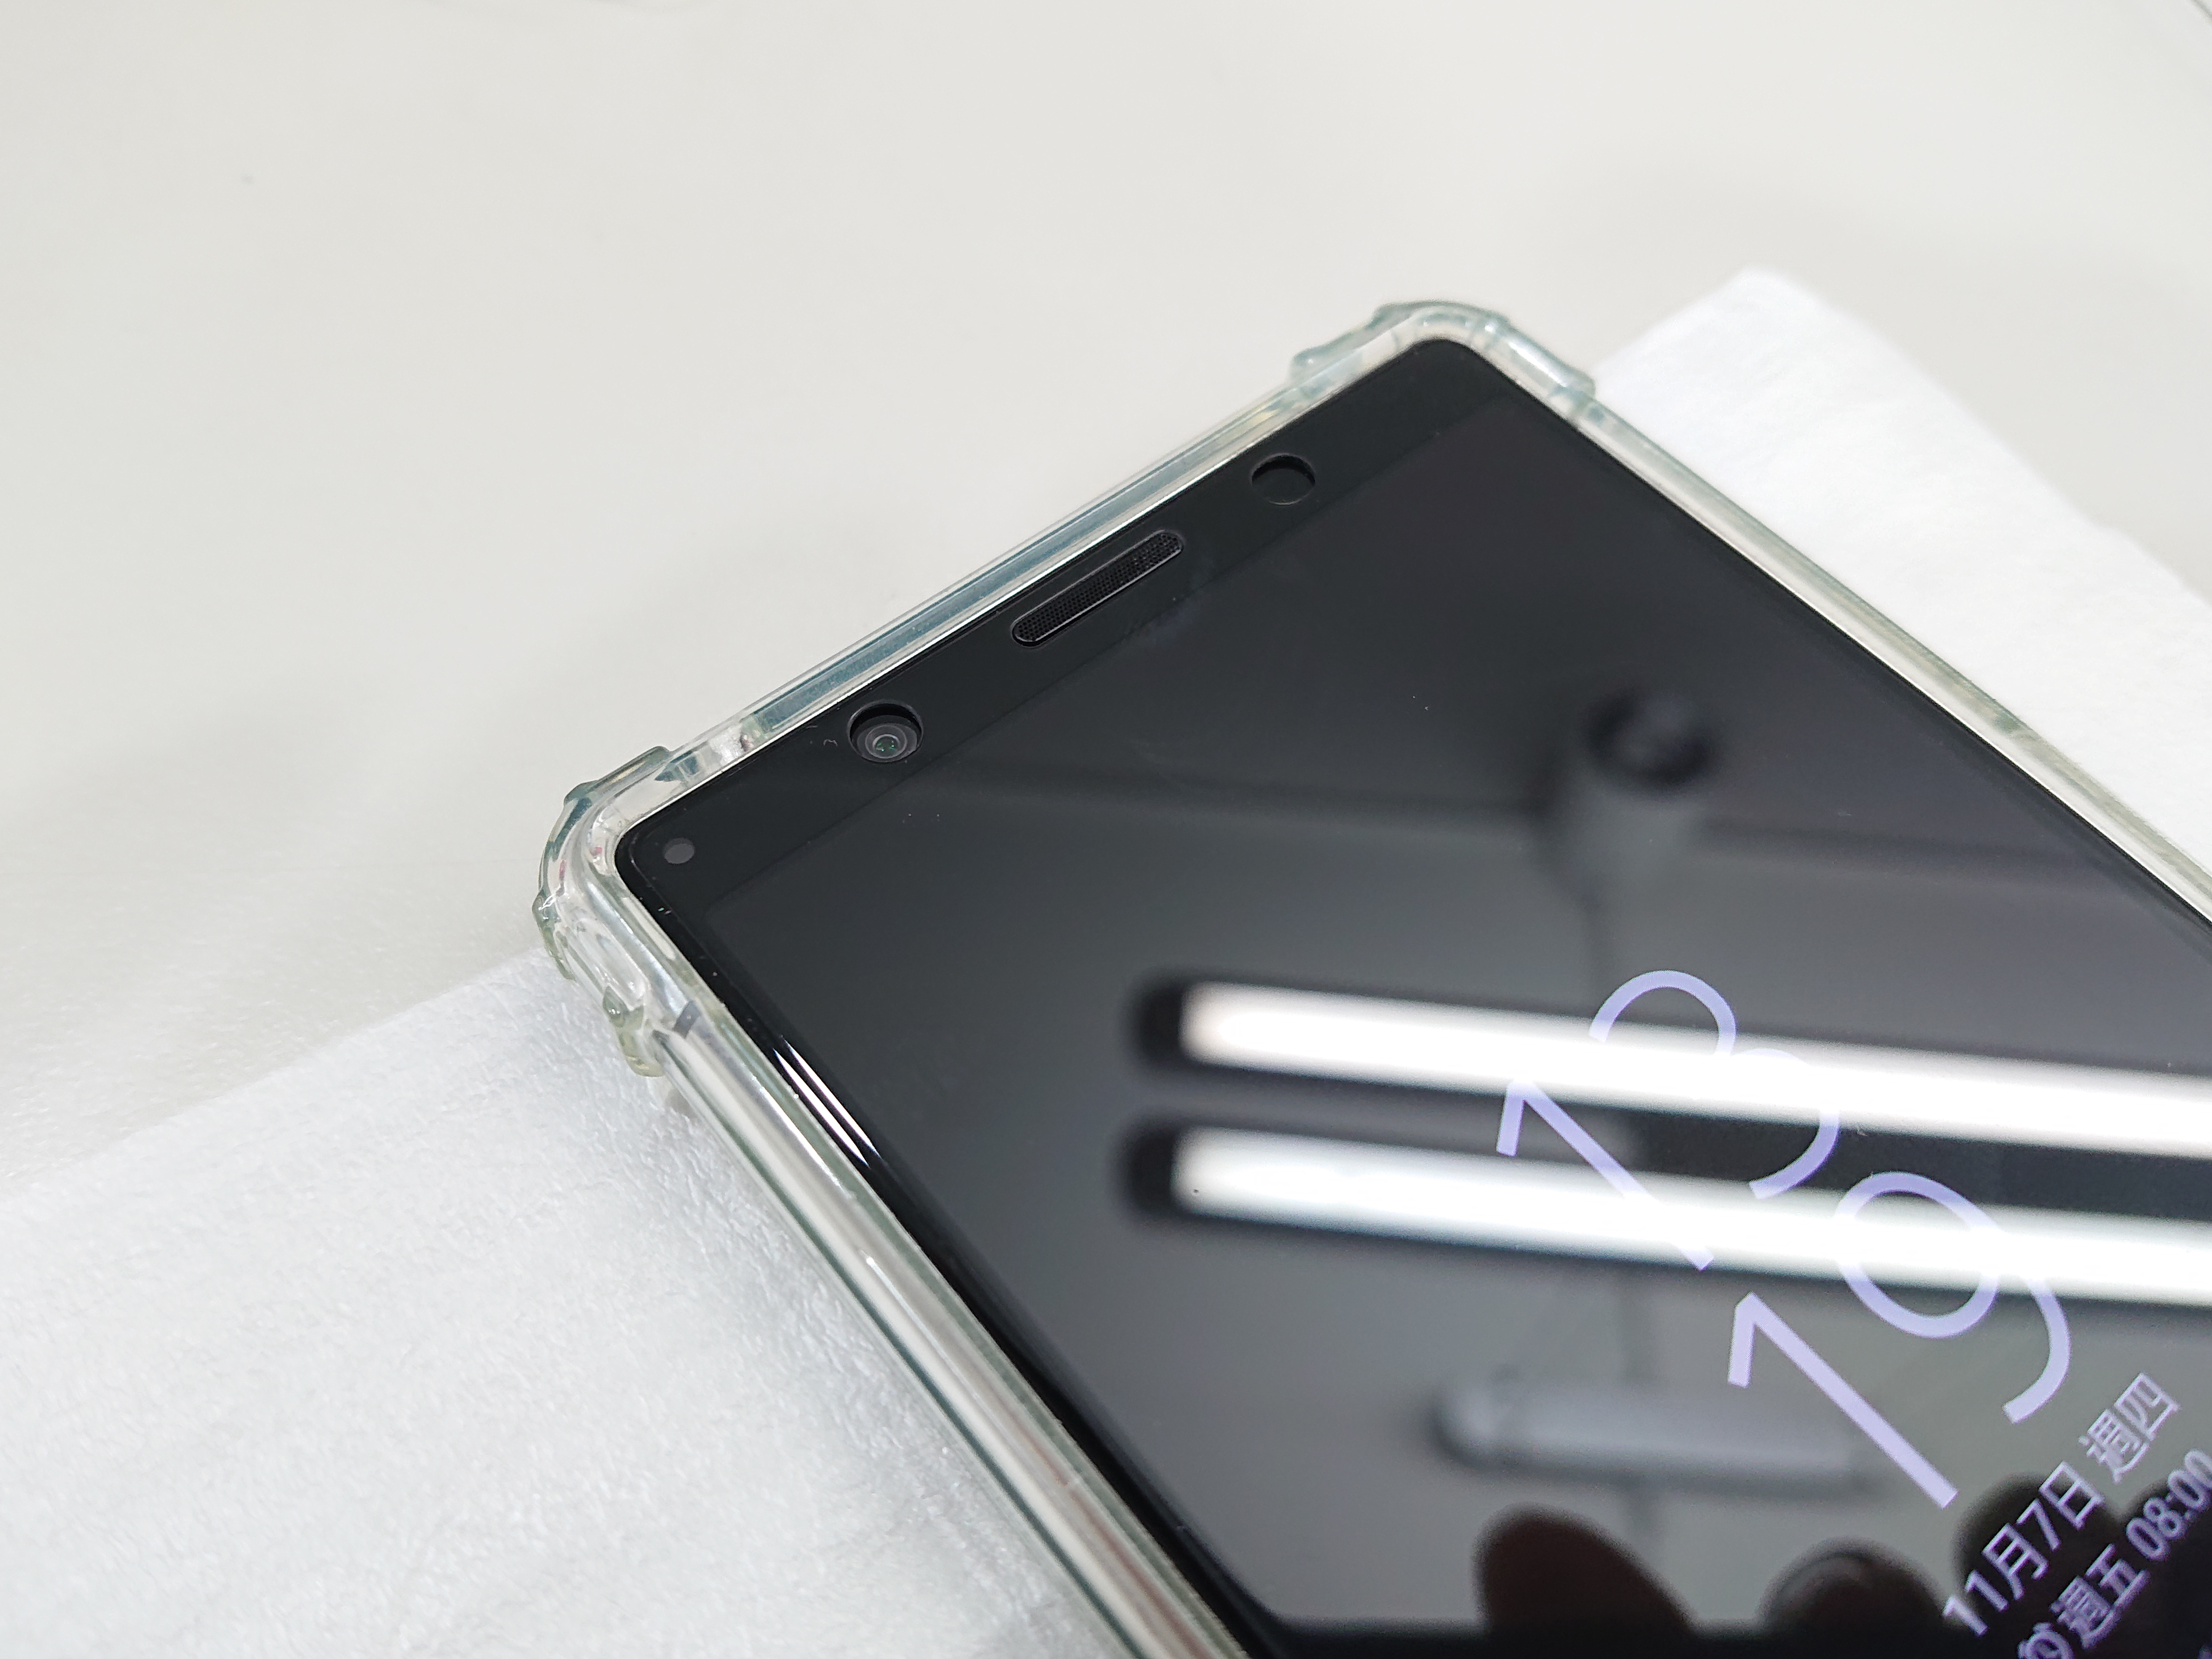 「開箱分享」Xperia 5 吃香蕉,日系配件品牌 Rasta Banana 滿版玻璃保護貼、電鍍殼配件 - 7